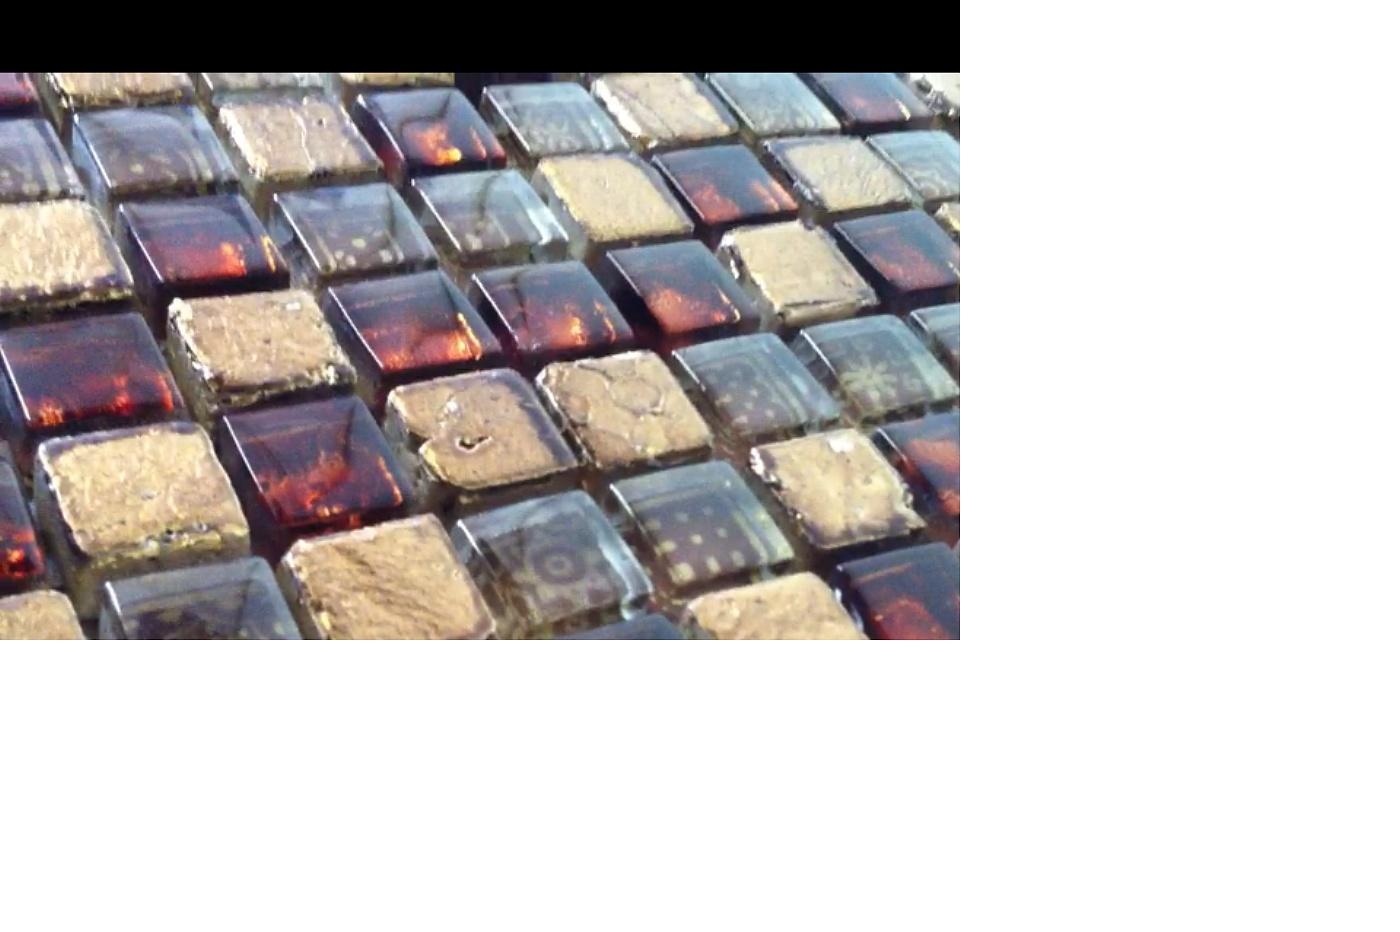 Motartis amore di mosaico - Smalti bicomponenti per pitturare piastrelle o ceramiche ...